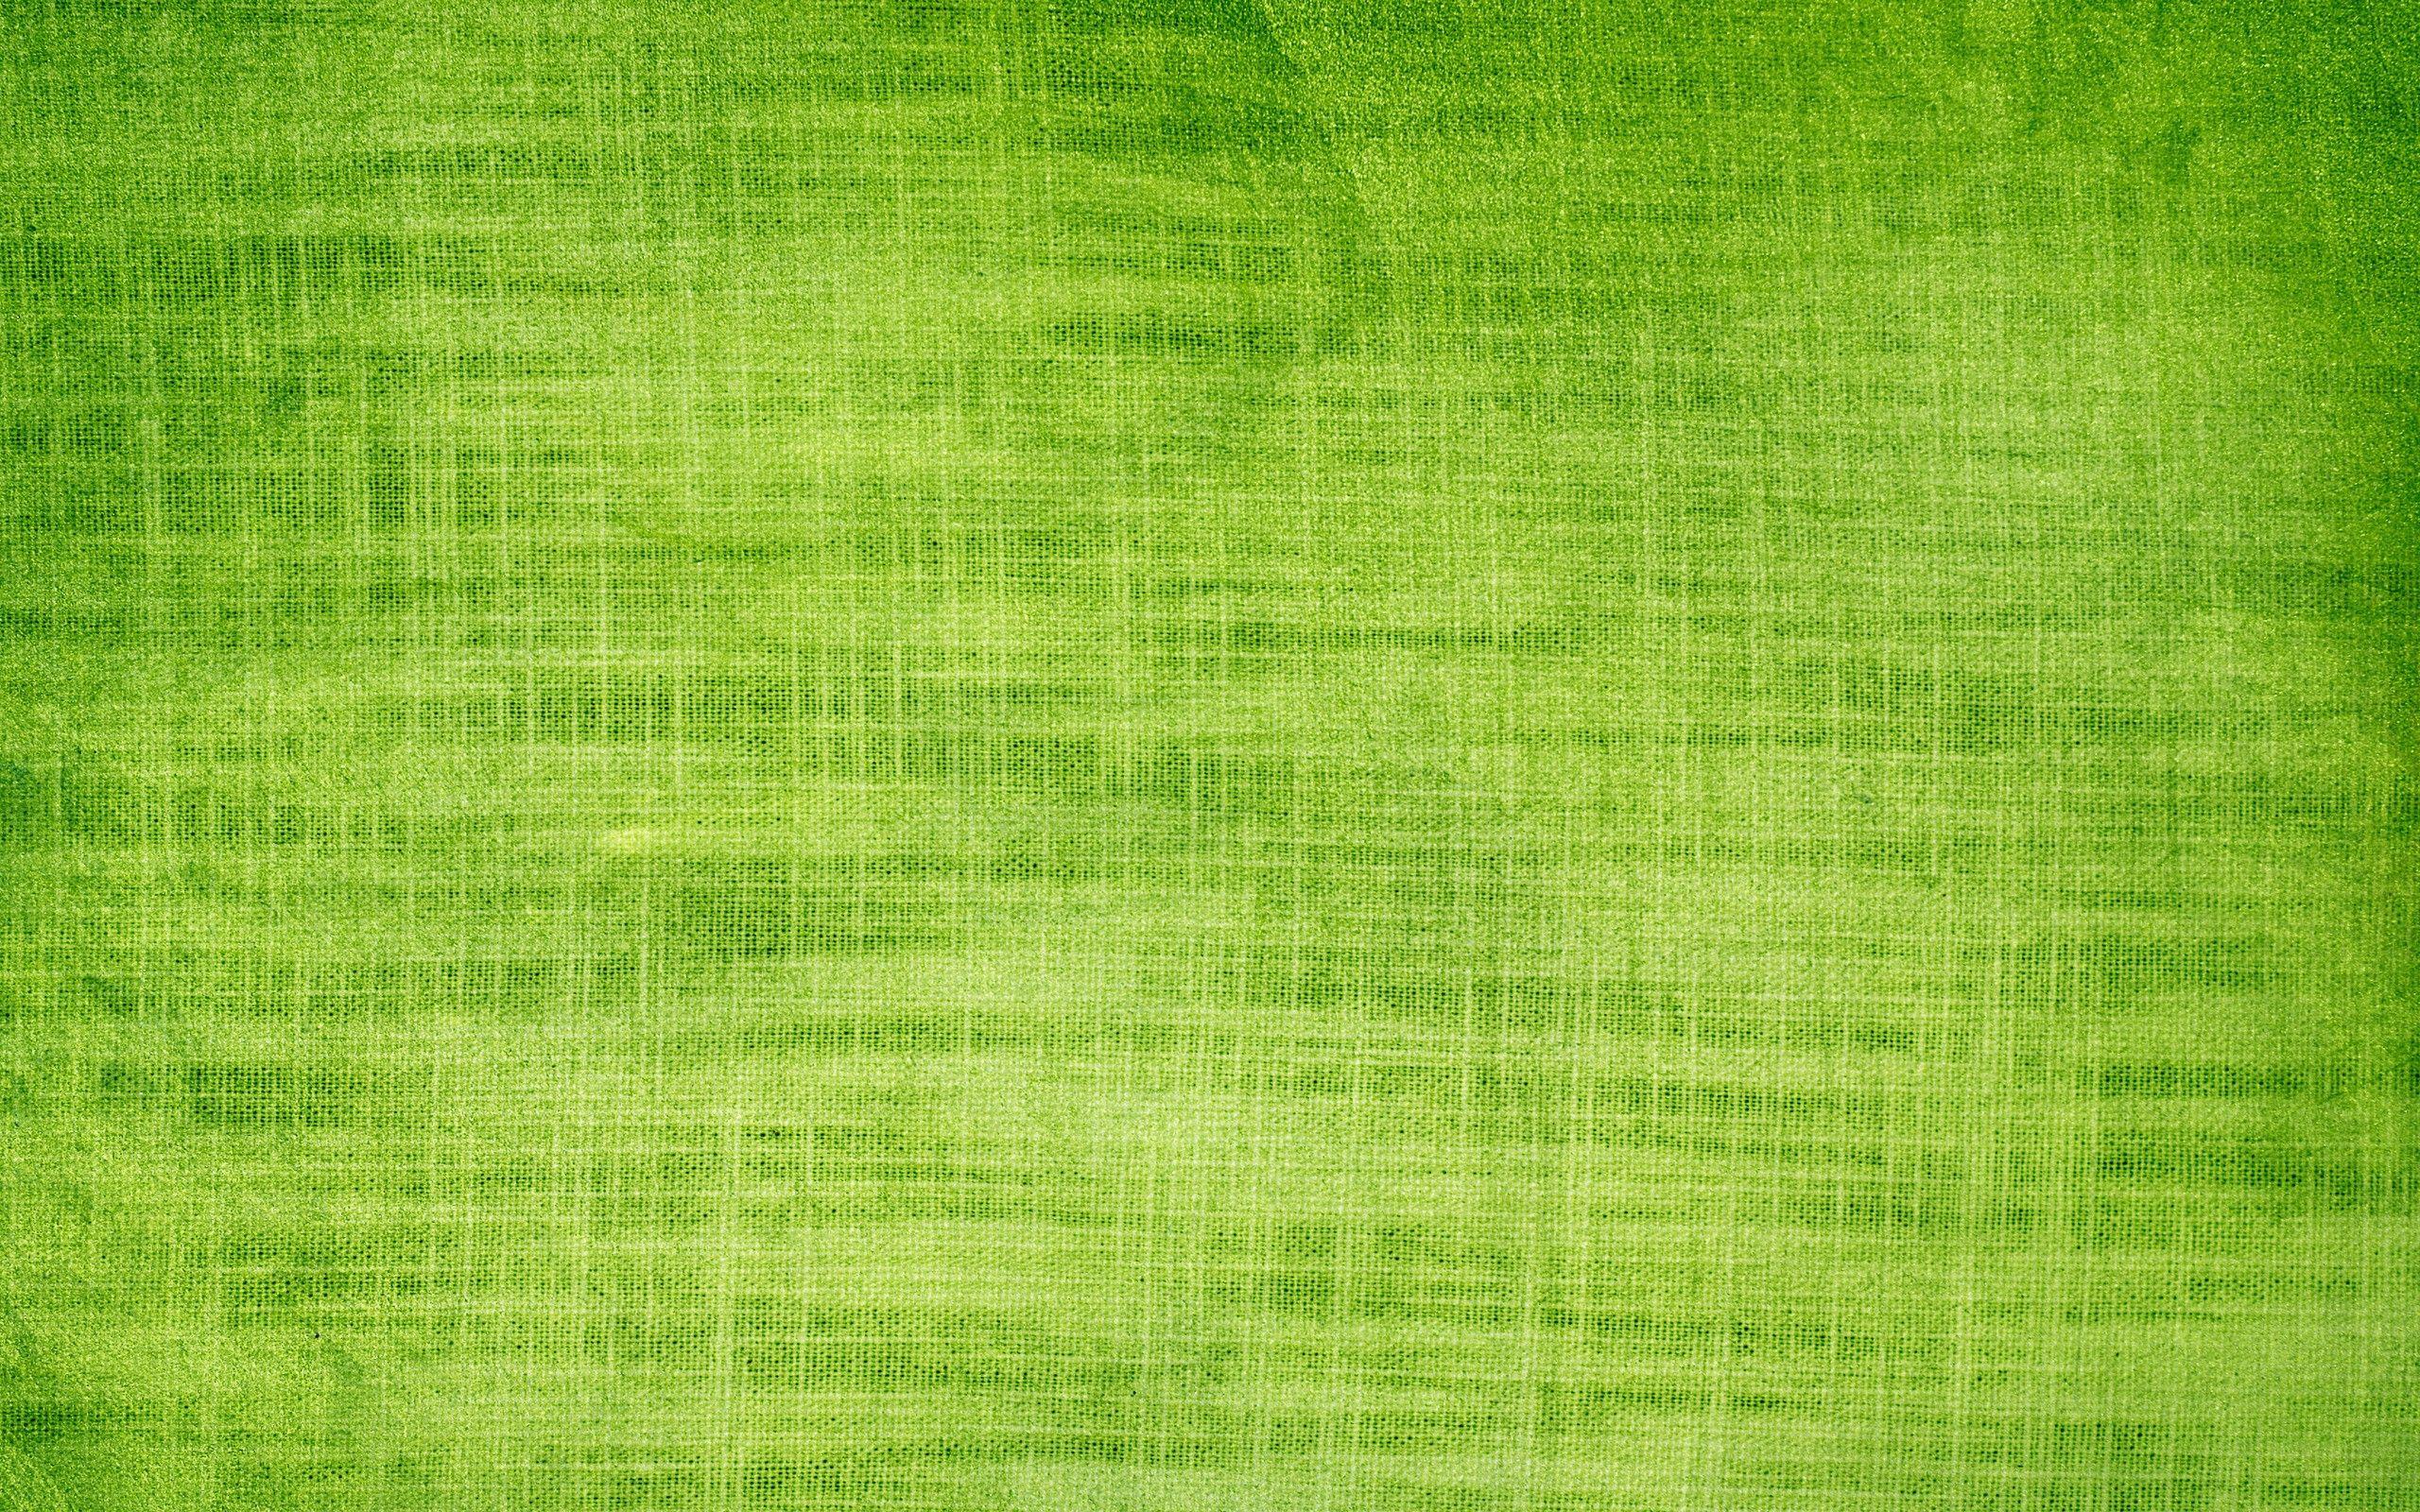 Plain green background hd wallpaper green plain - Plain green background ...